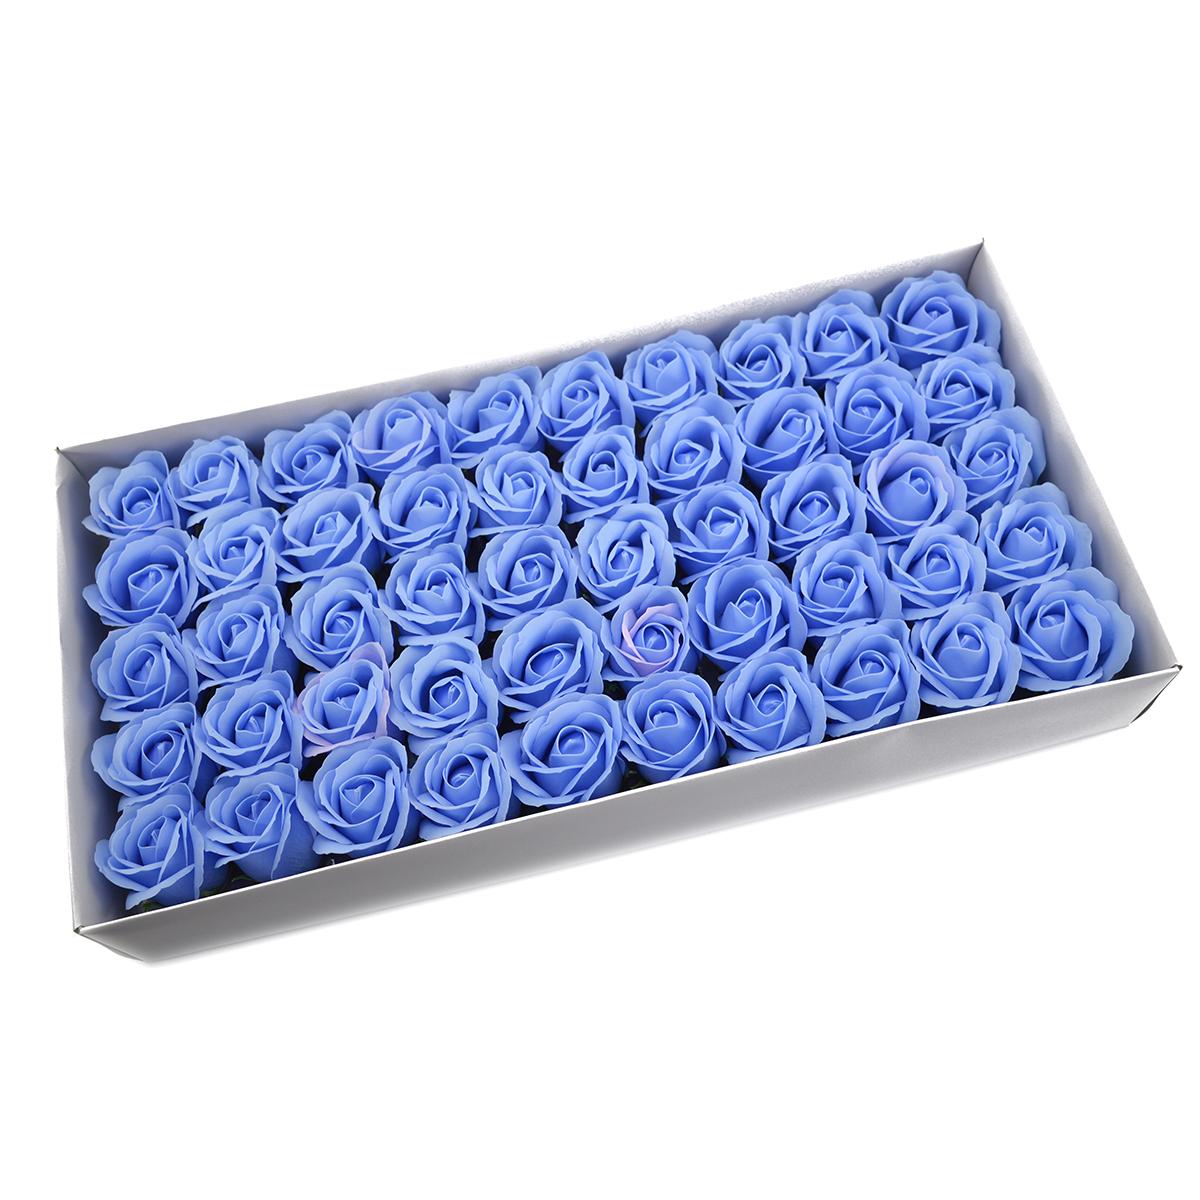 Juego de 50 rosas de jabón aromáticas, toque real, bleo